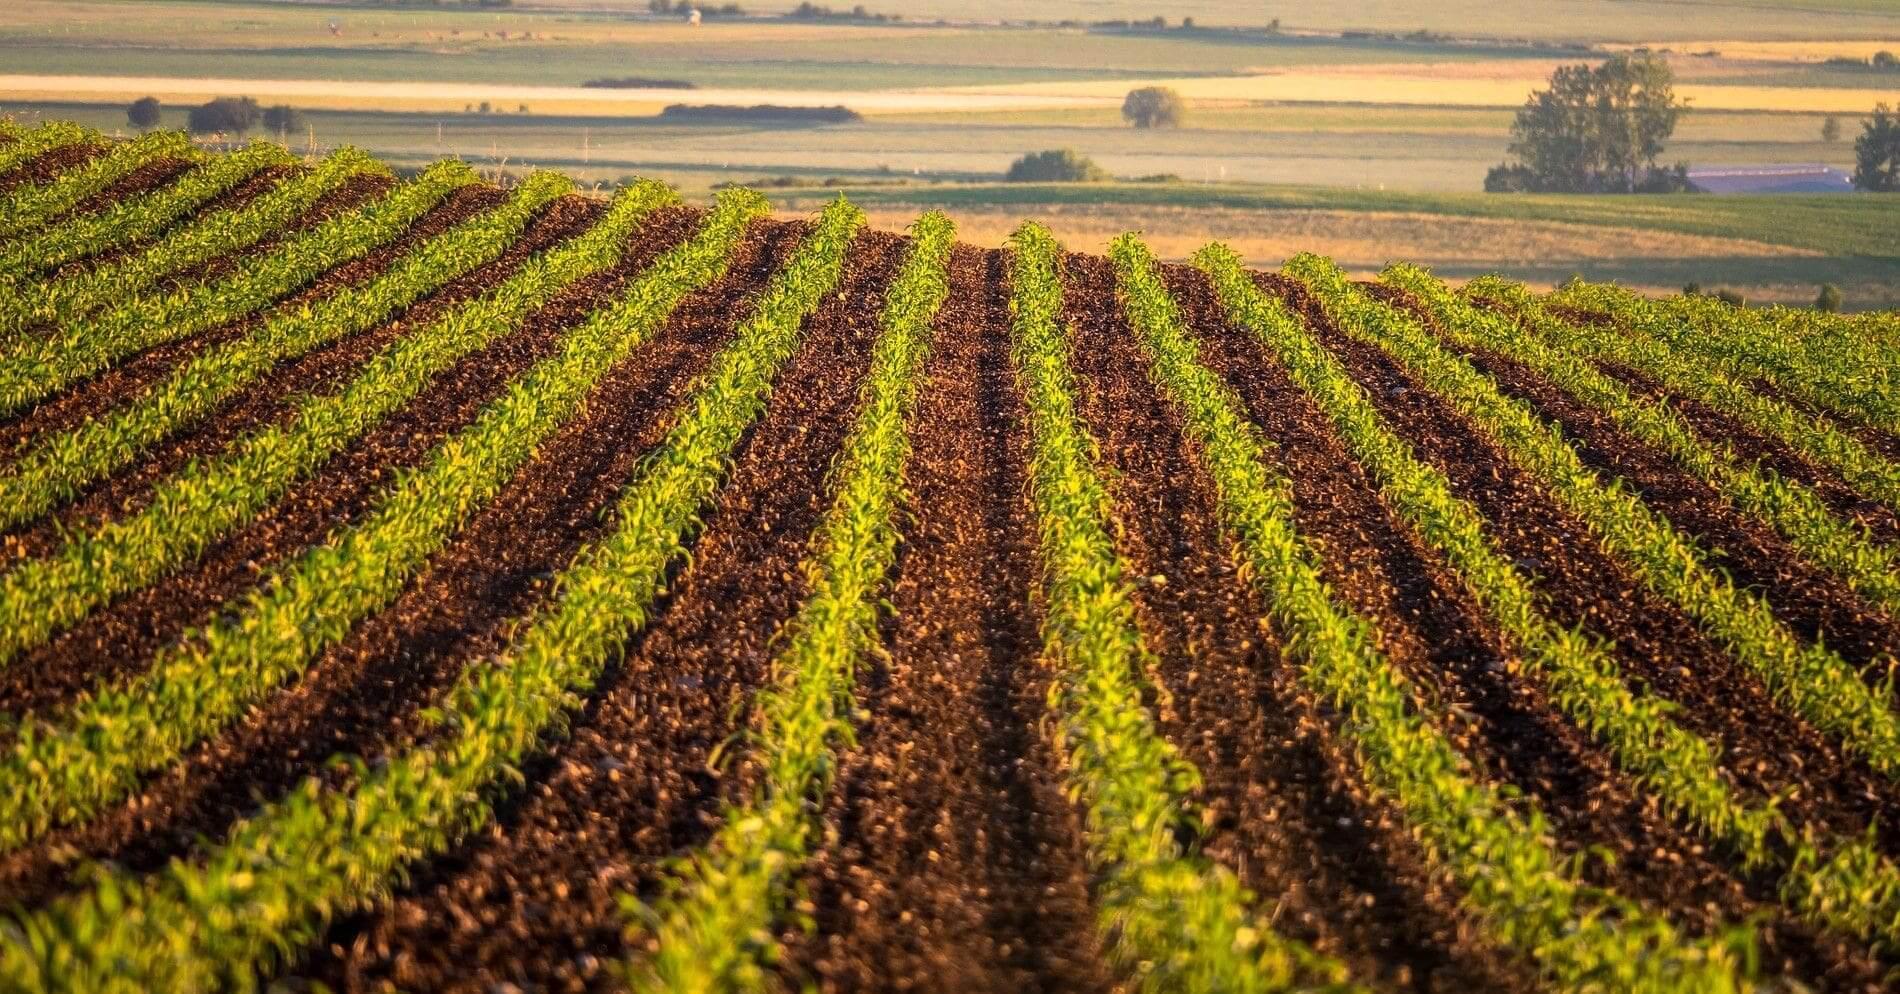 Bitkilerin sürekli ve sağlıklı büyümesi için önemli olan iz elementler, bitkilerde fotosentez, klorofil ve enzim oluşumunda etkilidir.